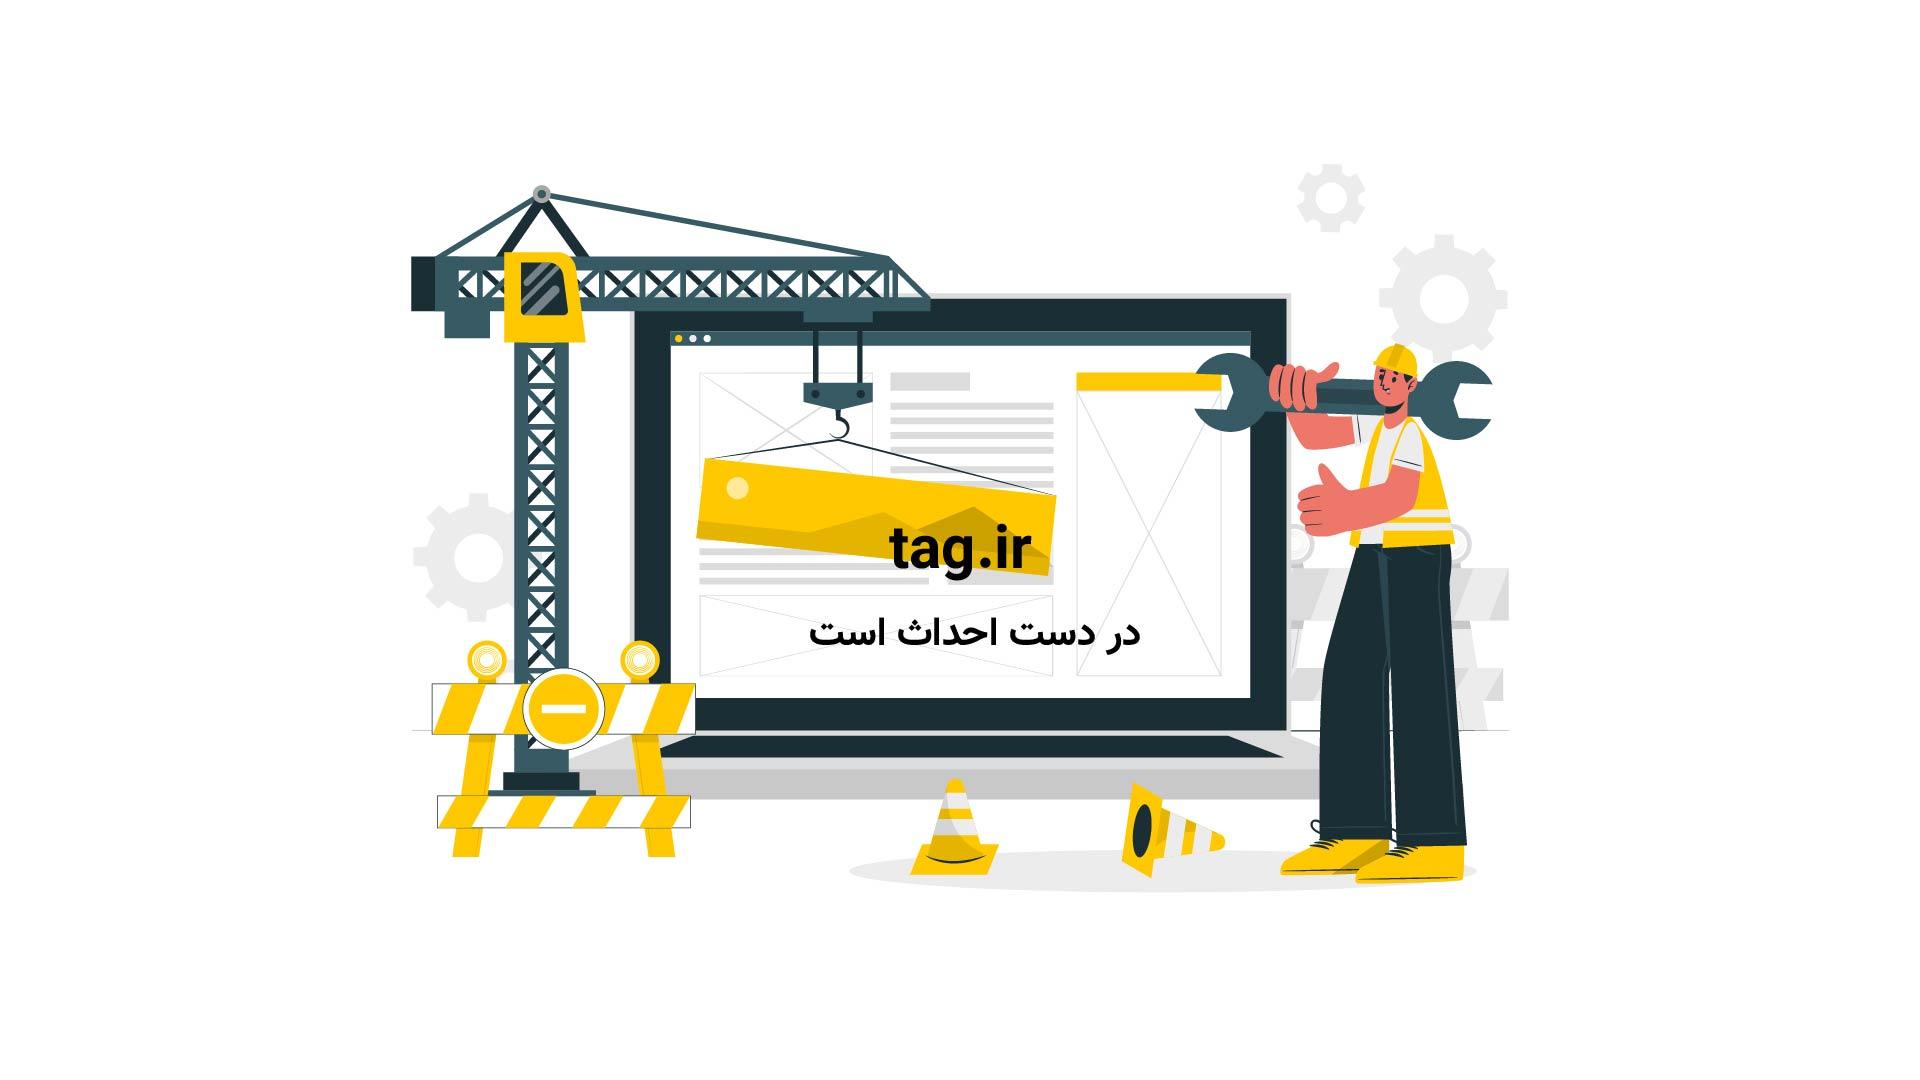 روزنامه های اقتصادی چهارشنبه ۱۰ خرداد | تگ